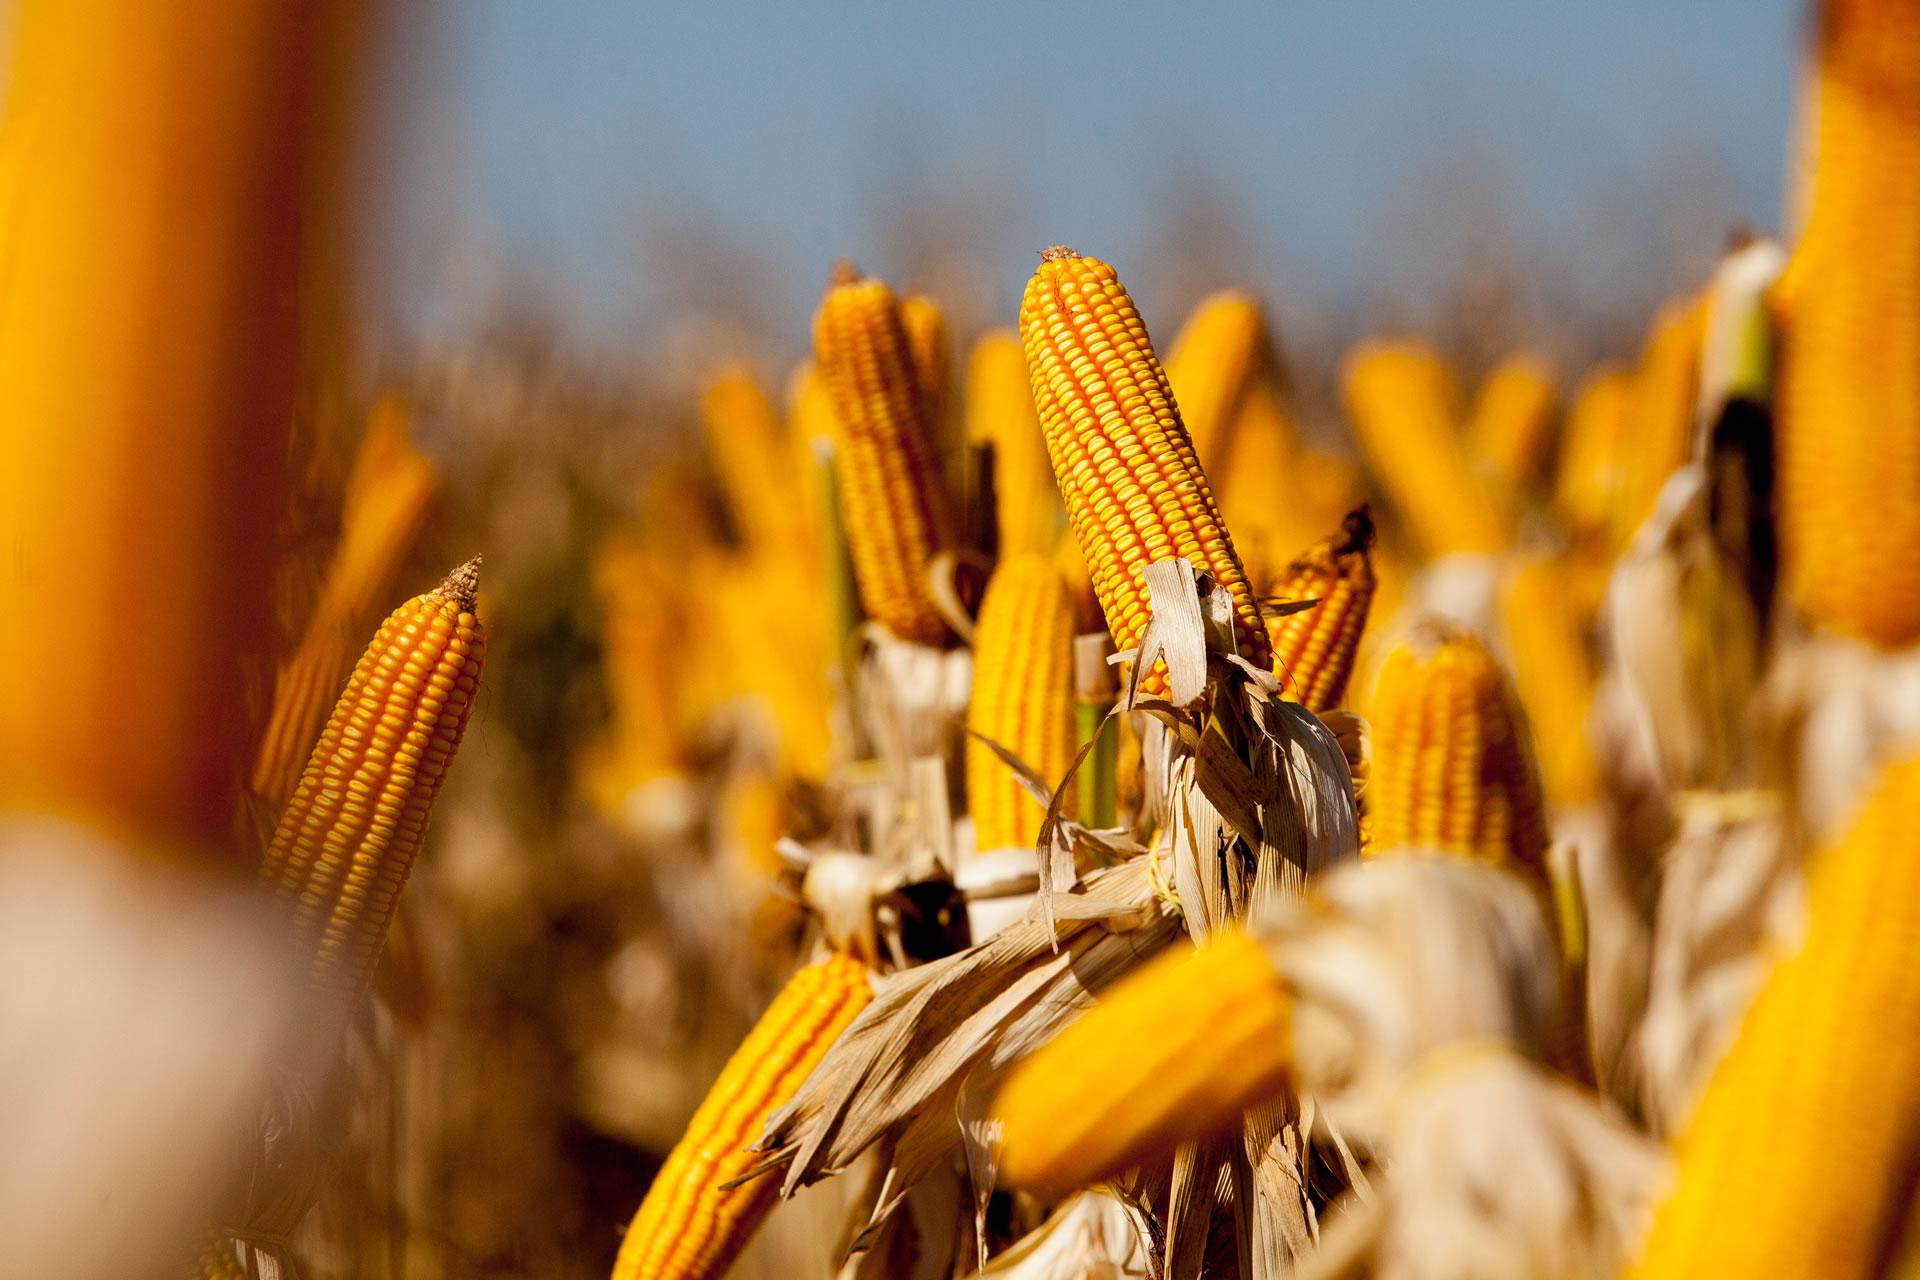 Confira como está a implantação de nova usina de etanol de milho